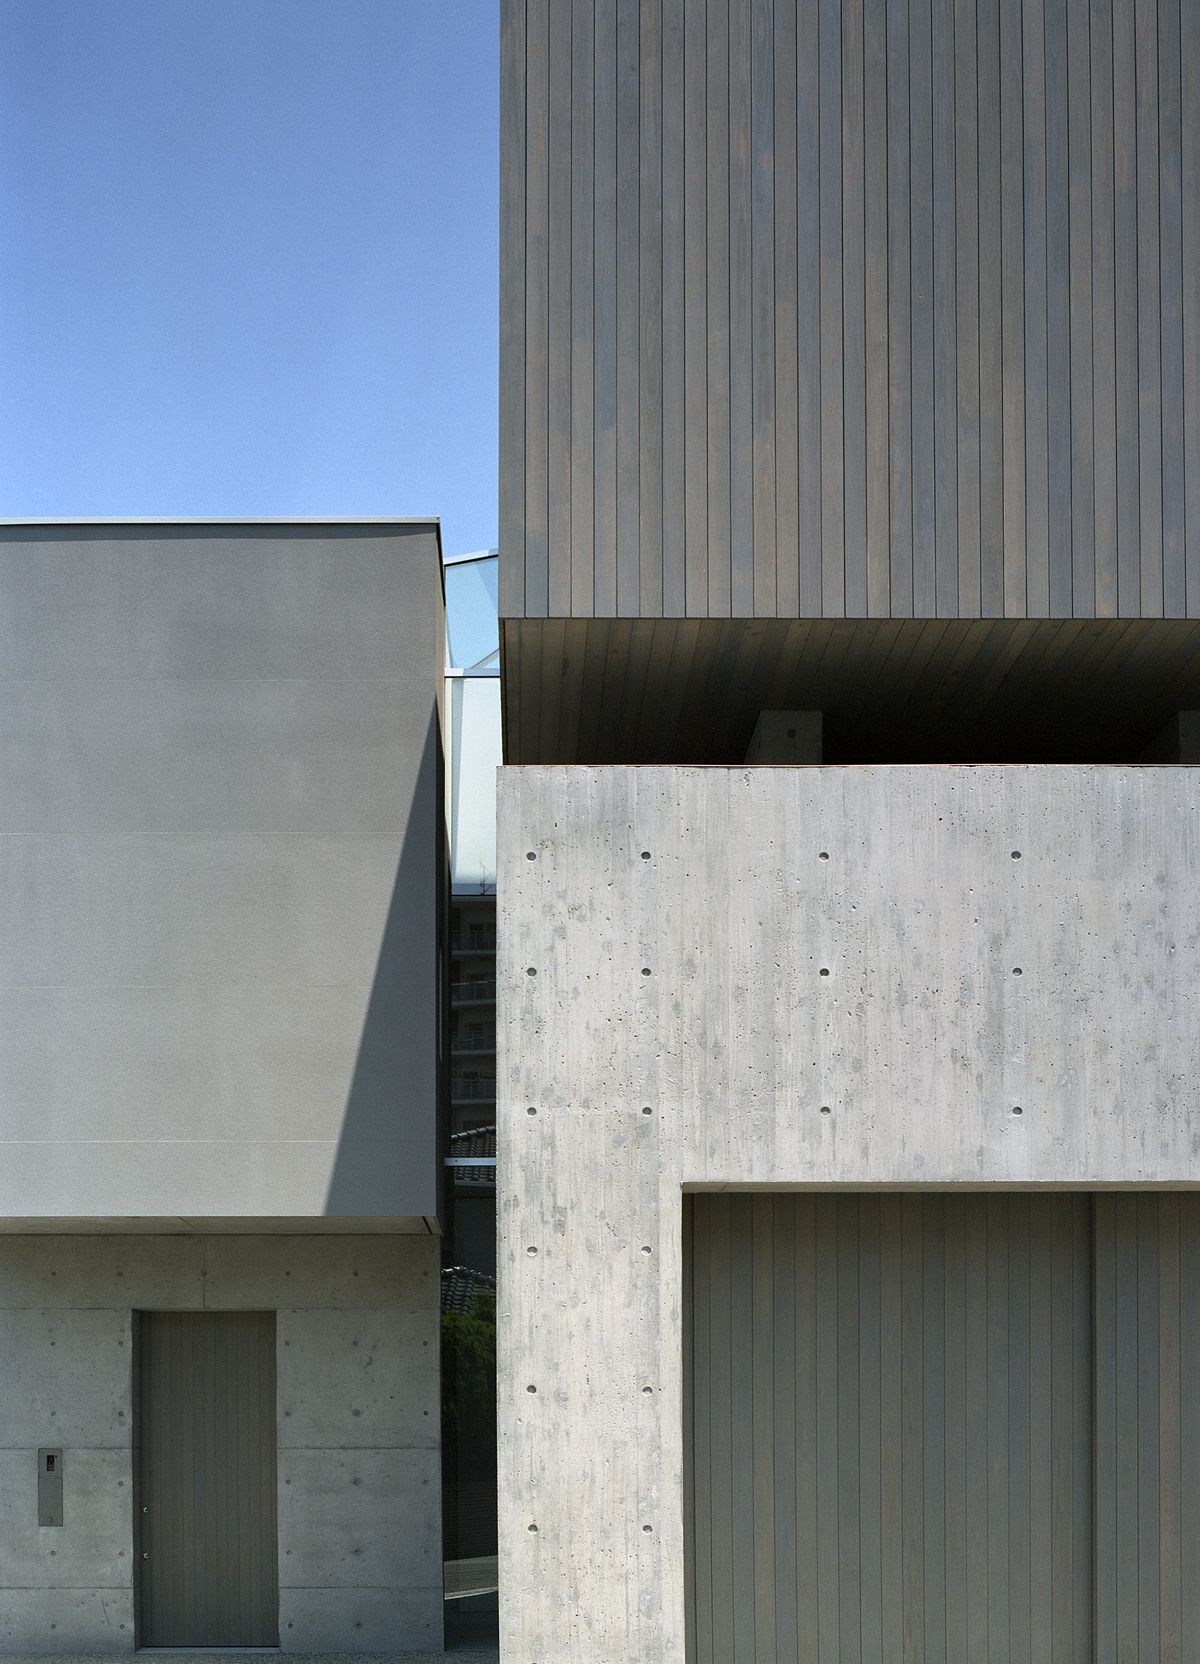 Outside of concrete house